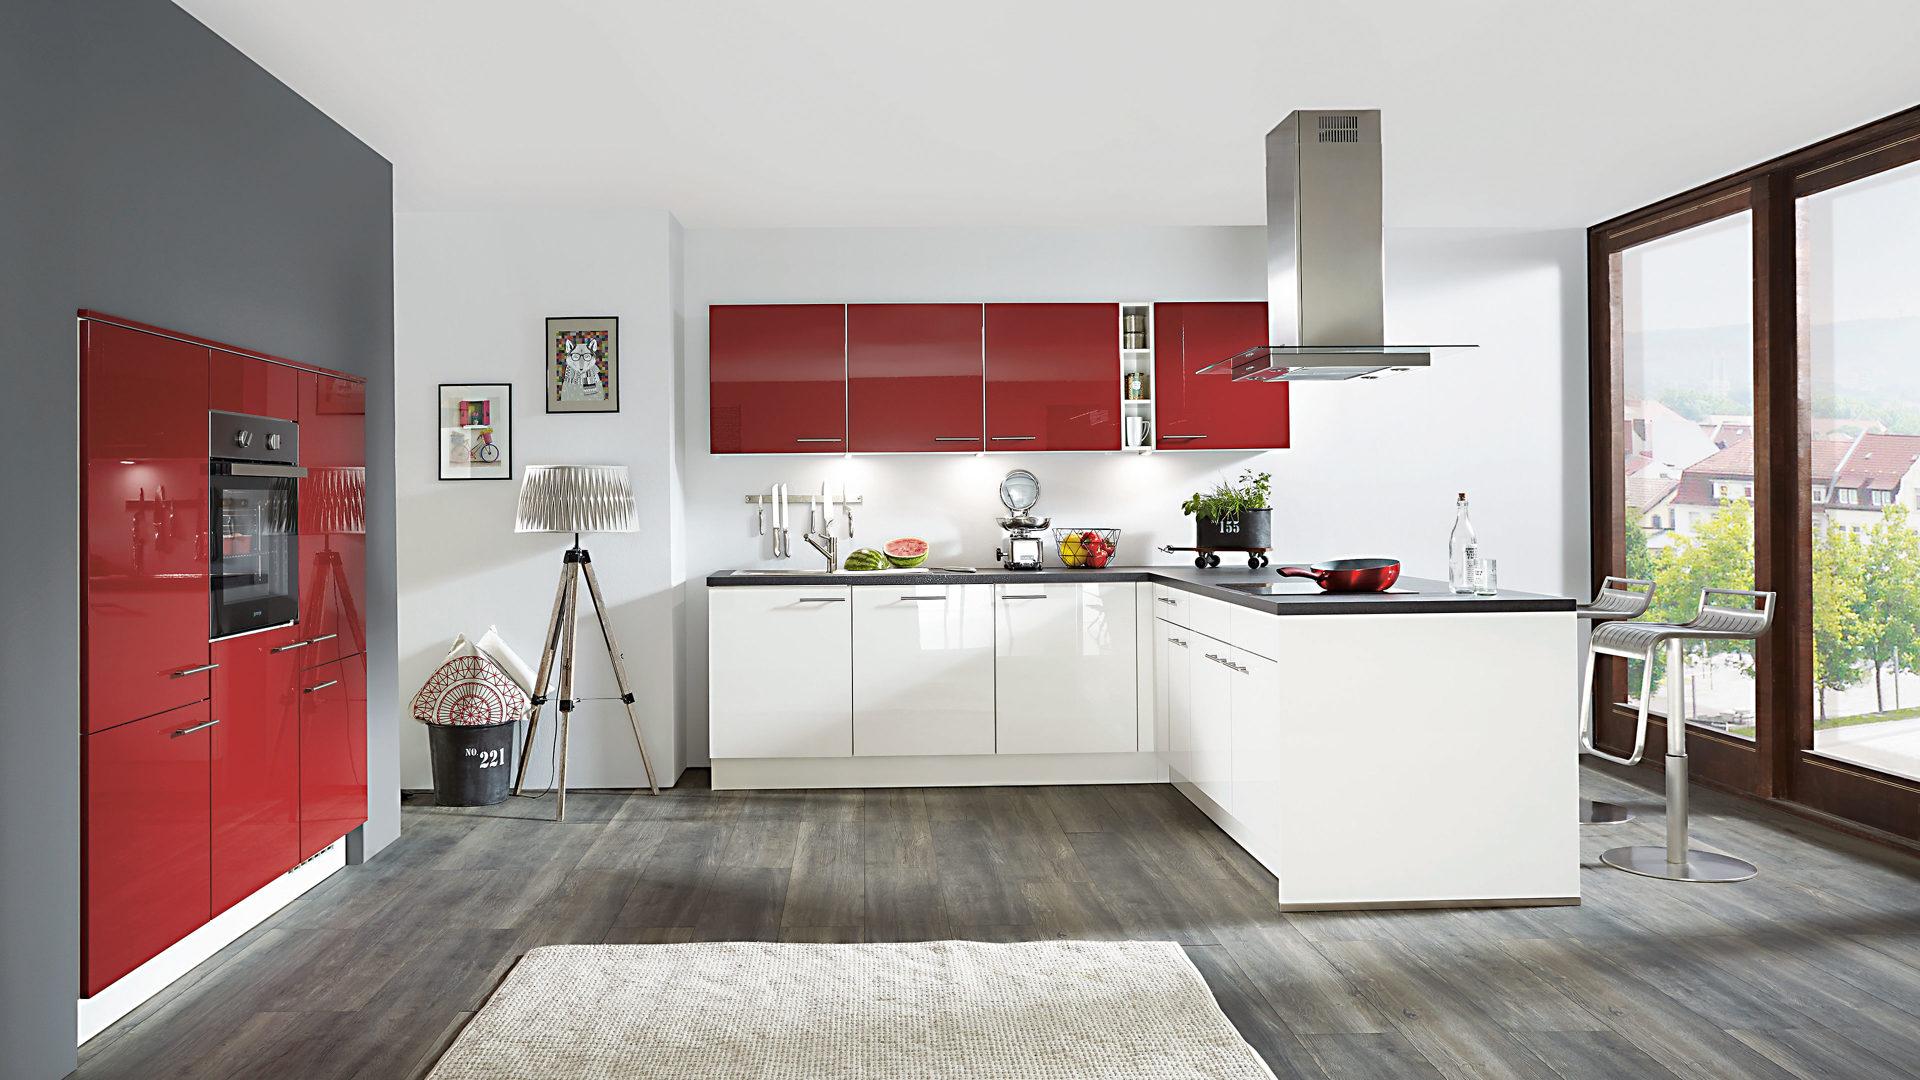 einbauküche online bestellen | kochkor.info - Online Küchen Bestellen